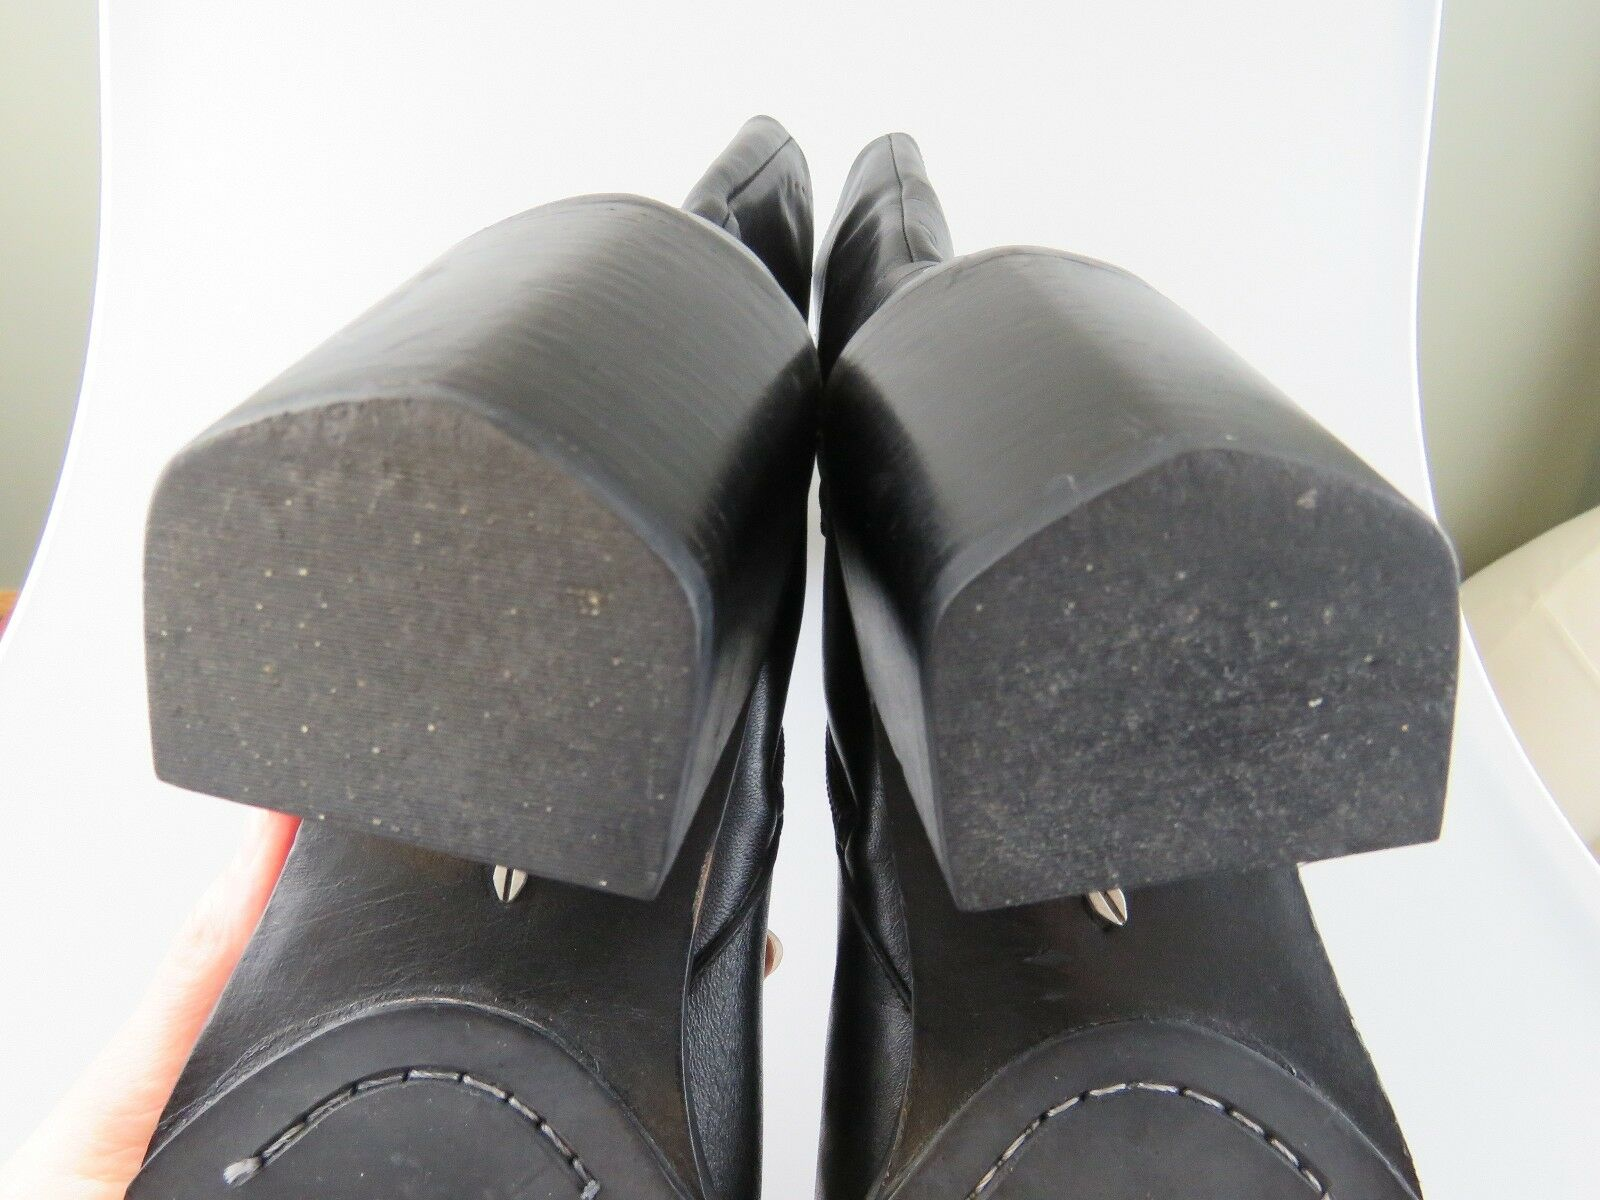 FRYE Tall Stud Black Leather Inner Side Zip Heels Heels Heels Boots Women's US Size 10 b6d998